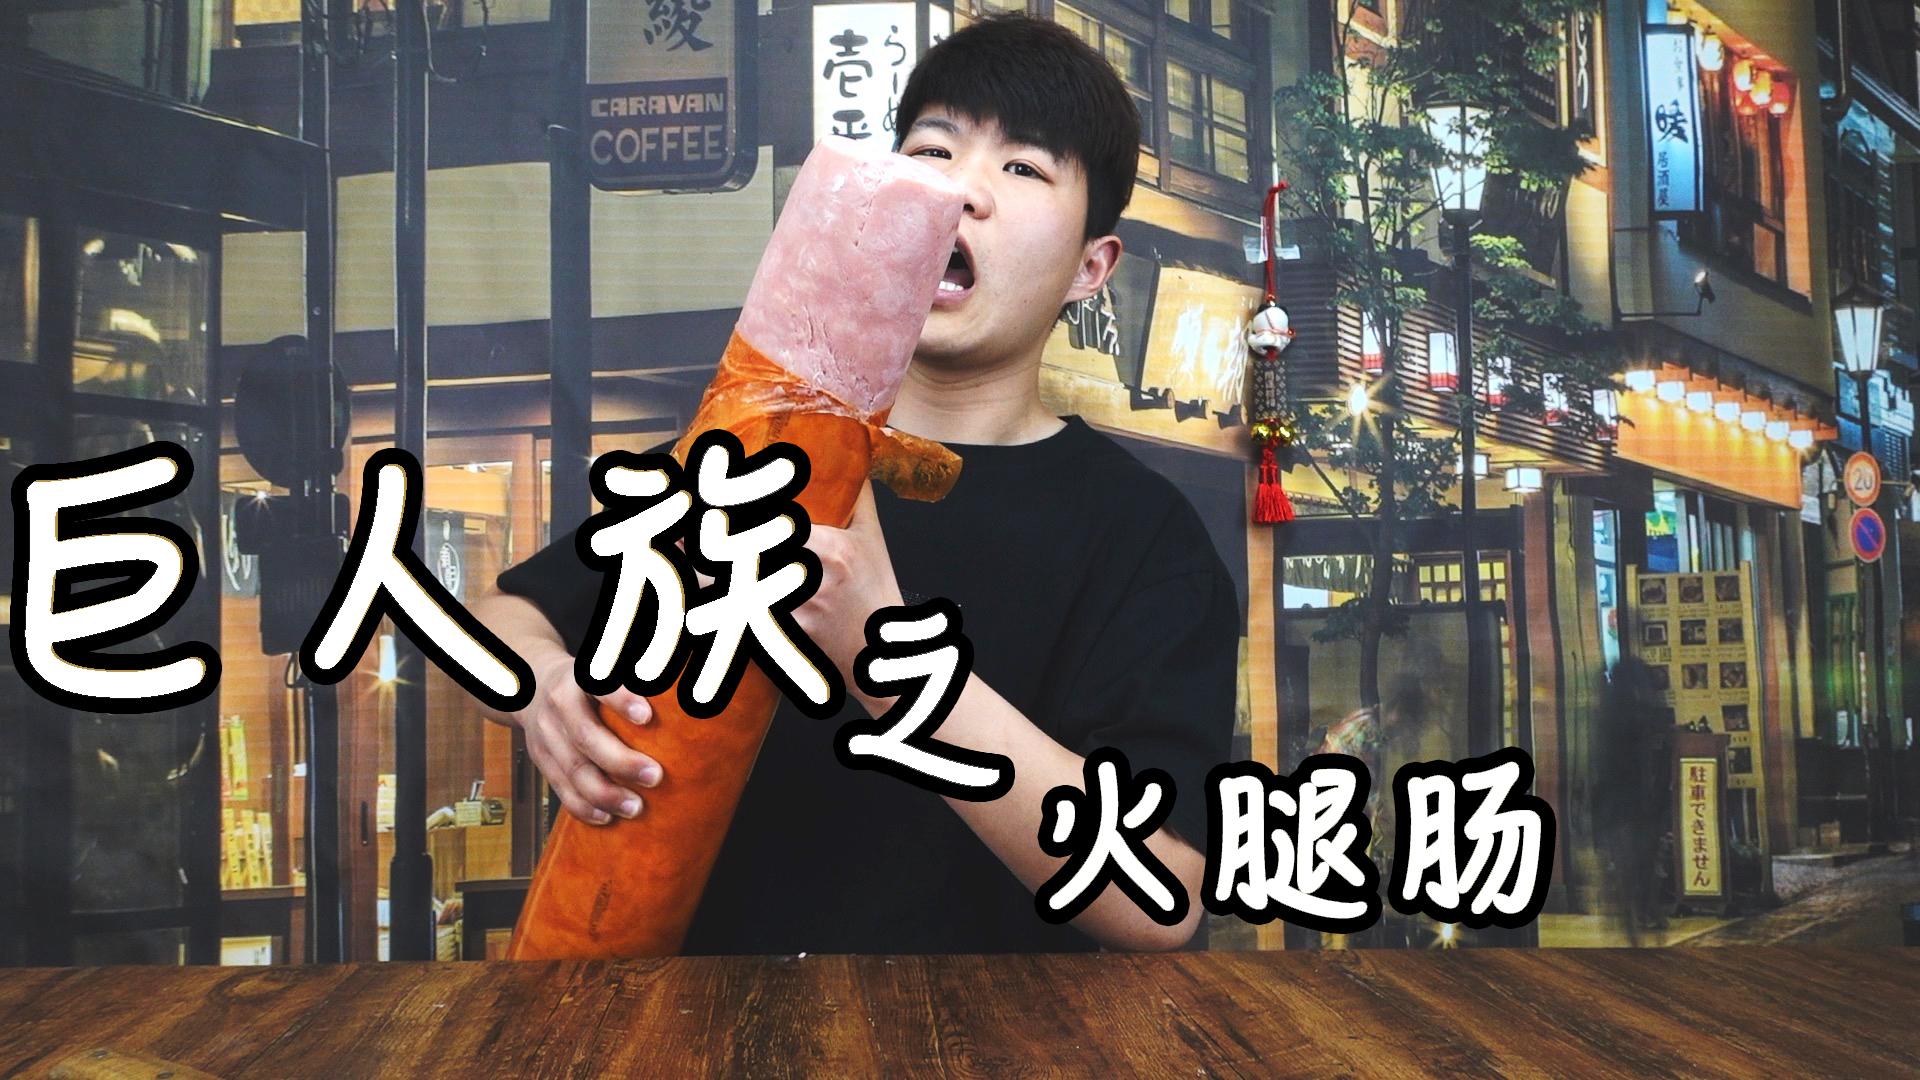 试吃全国最大的火腿肠,居然超级好吃?